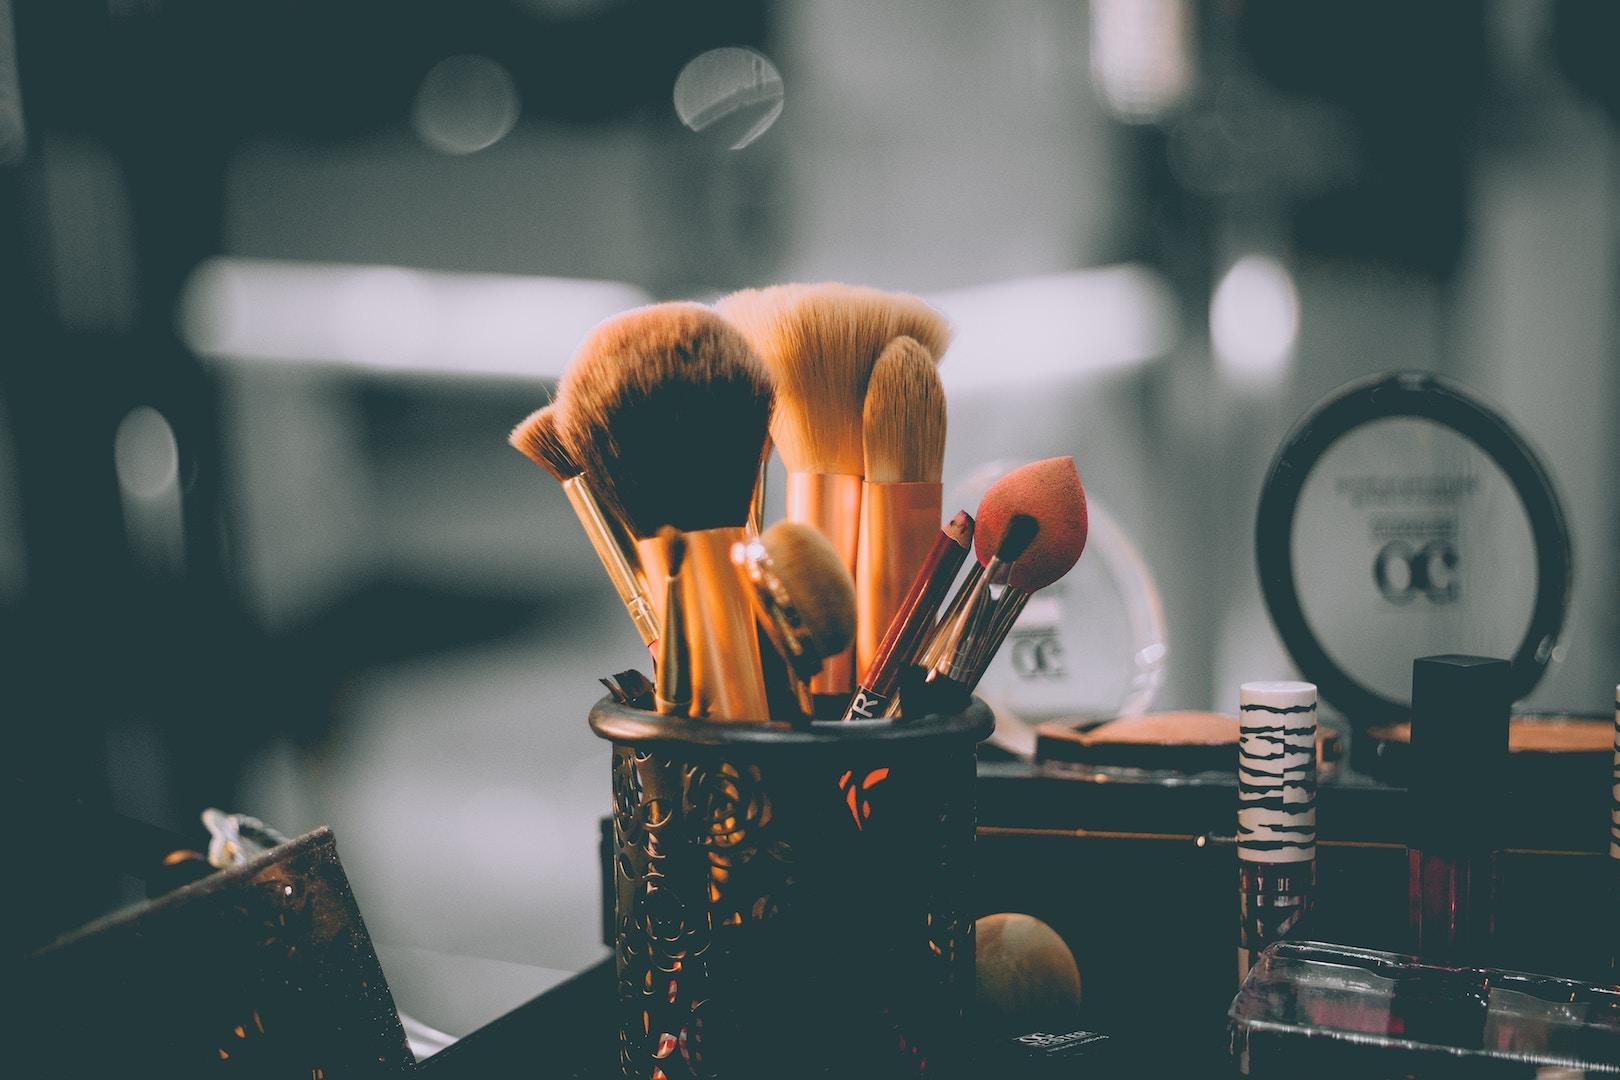 Zapachy do salonu kosmetycznego tworzą wyjątkowy klimat wnętrza, działają na zmysły klientów.